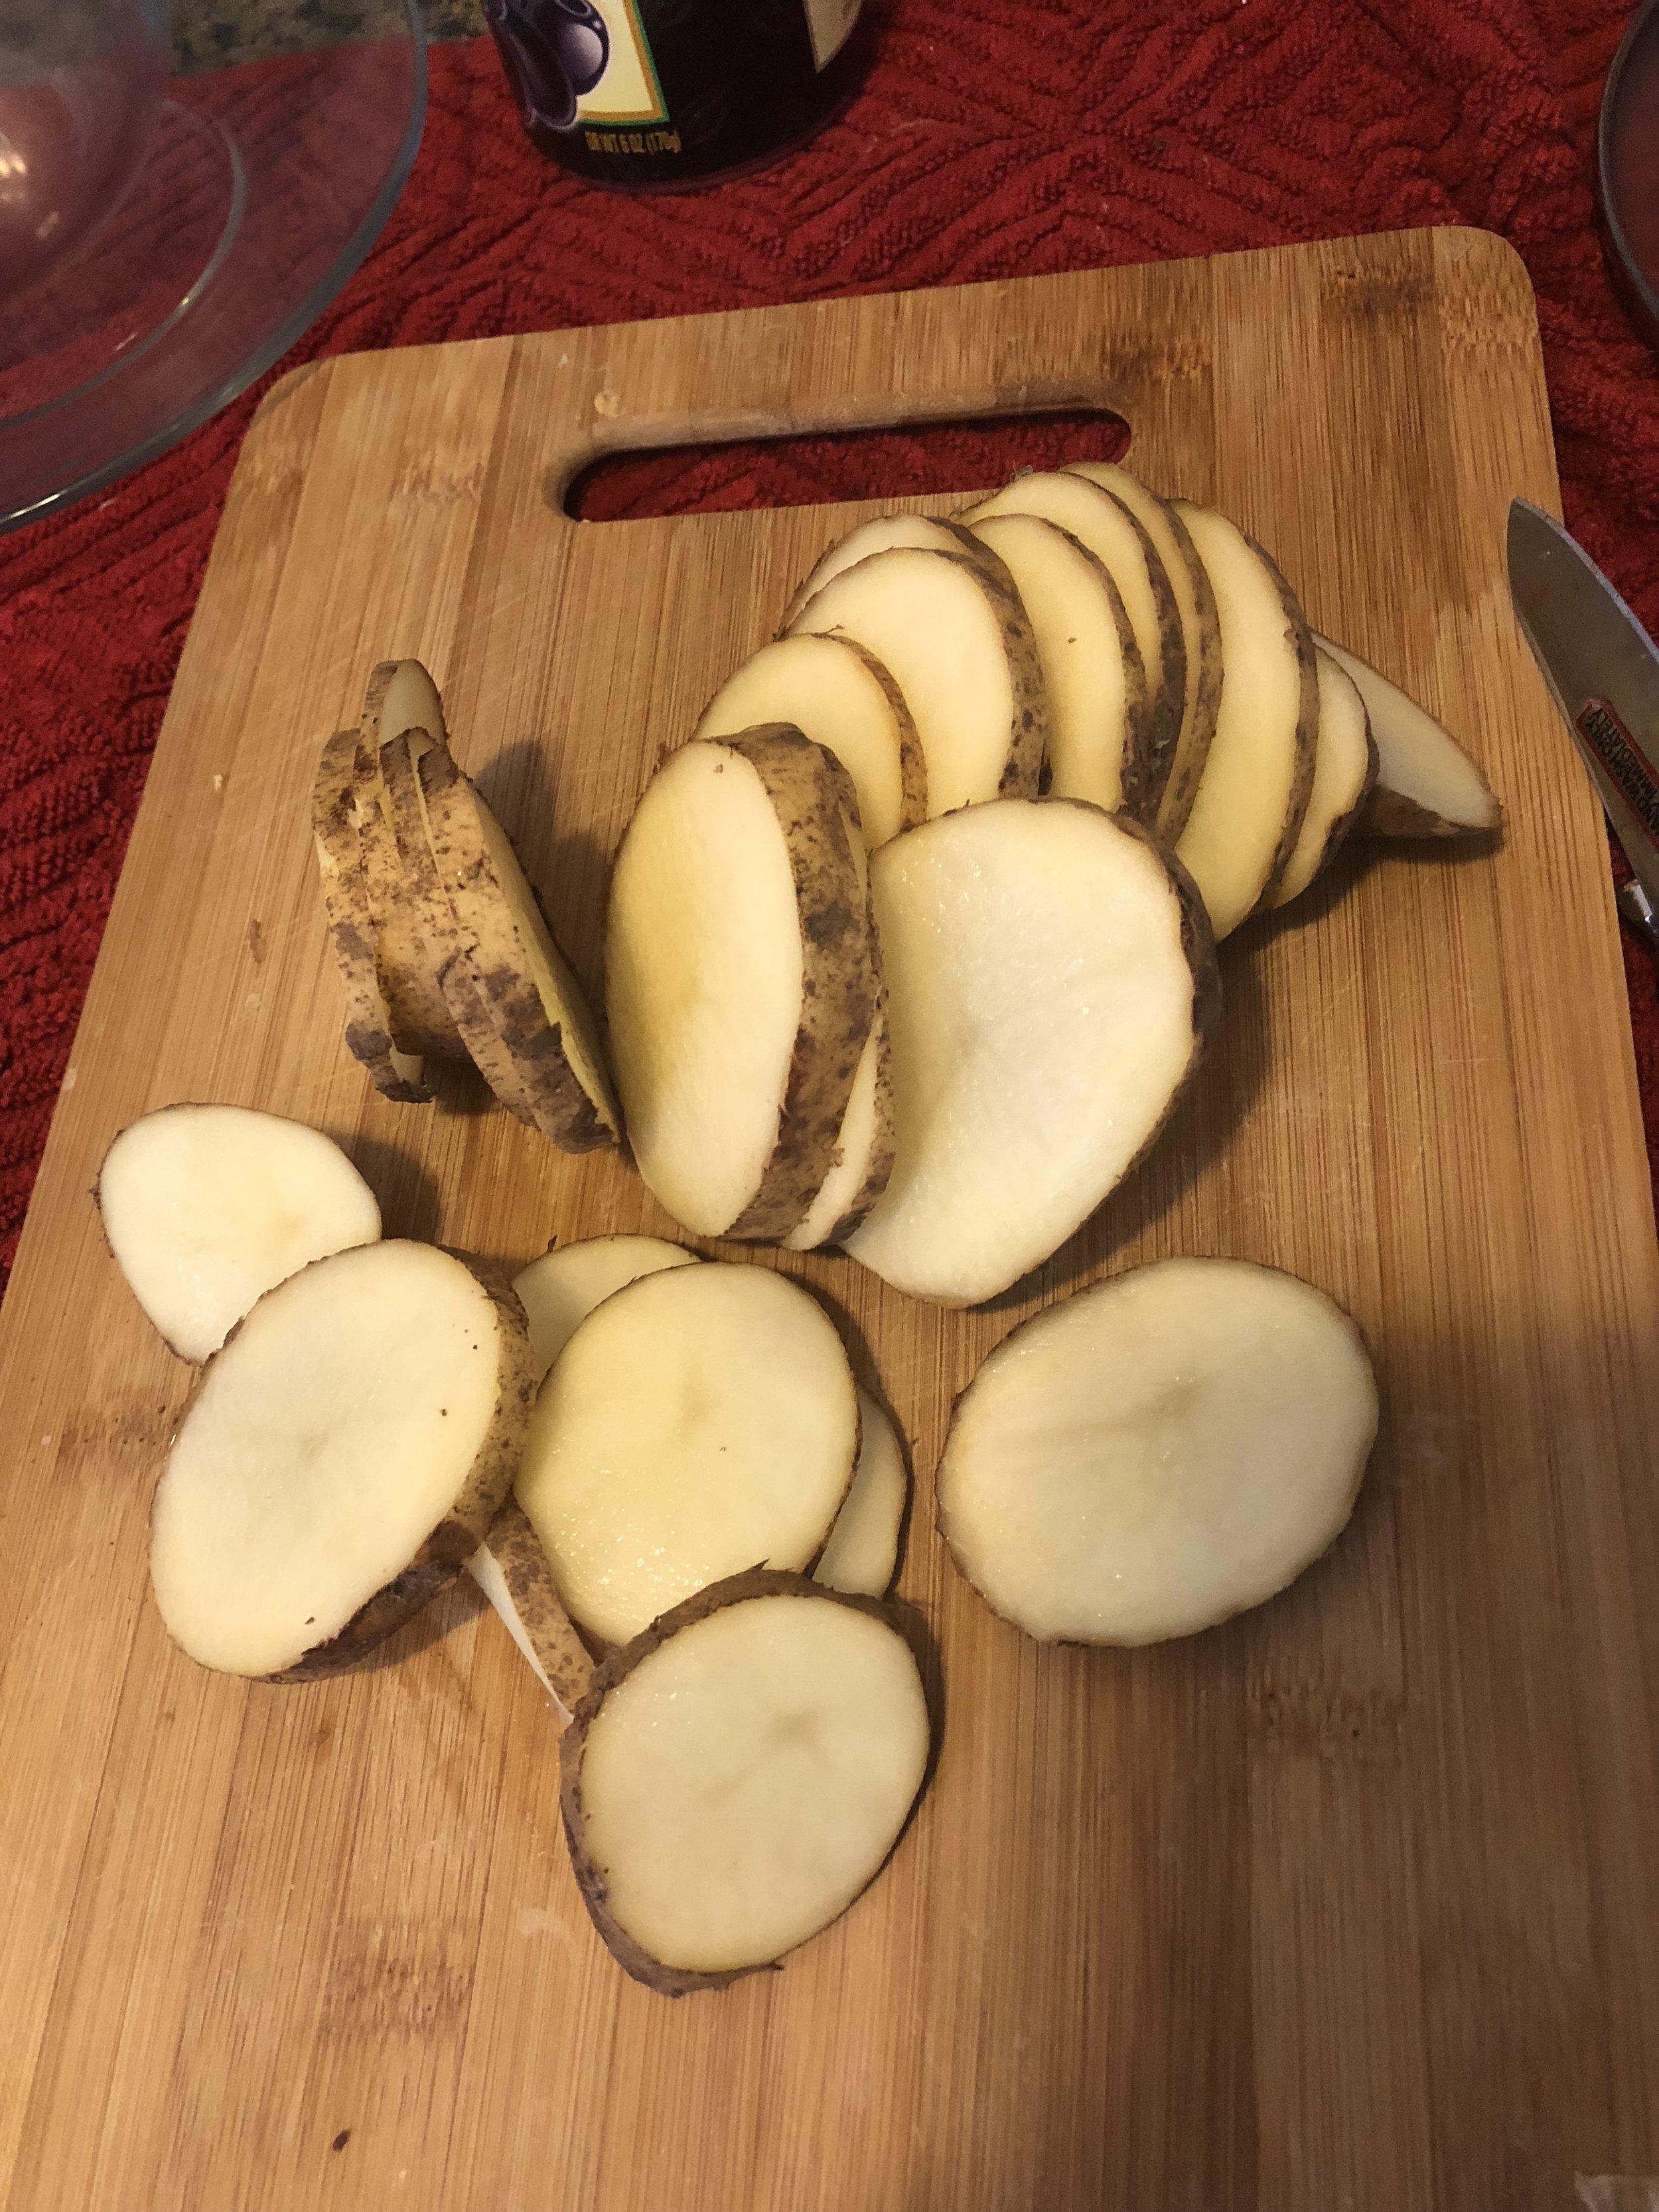 Slice the potatoes into thin coils horizontally